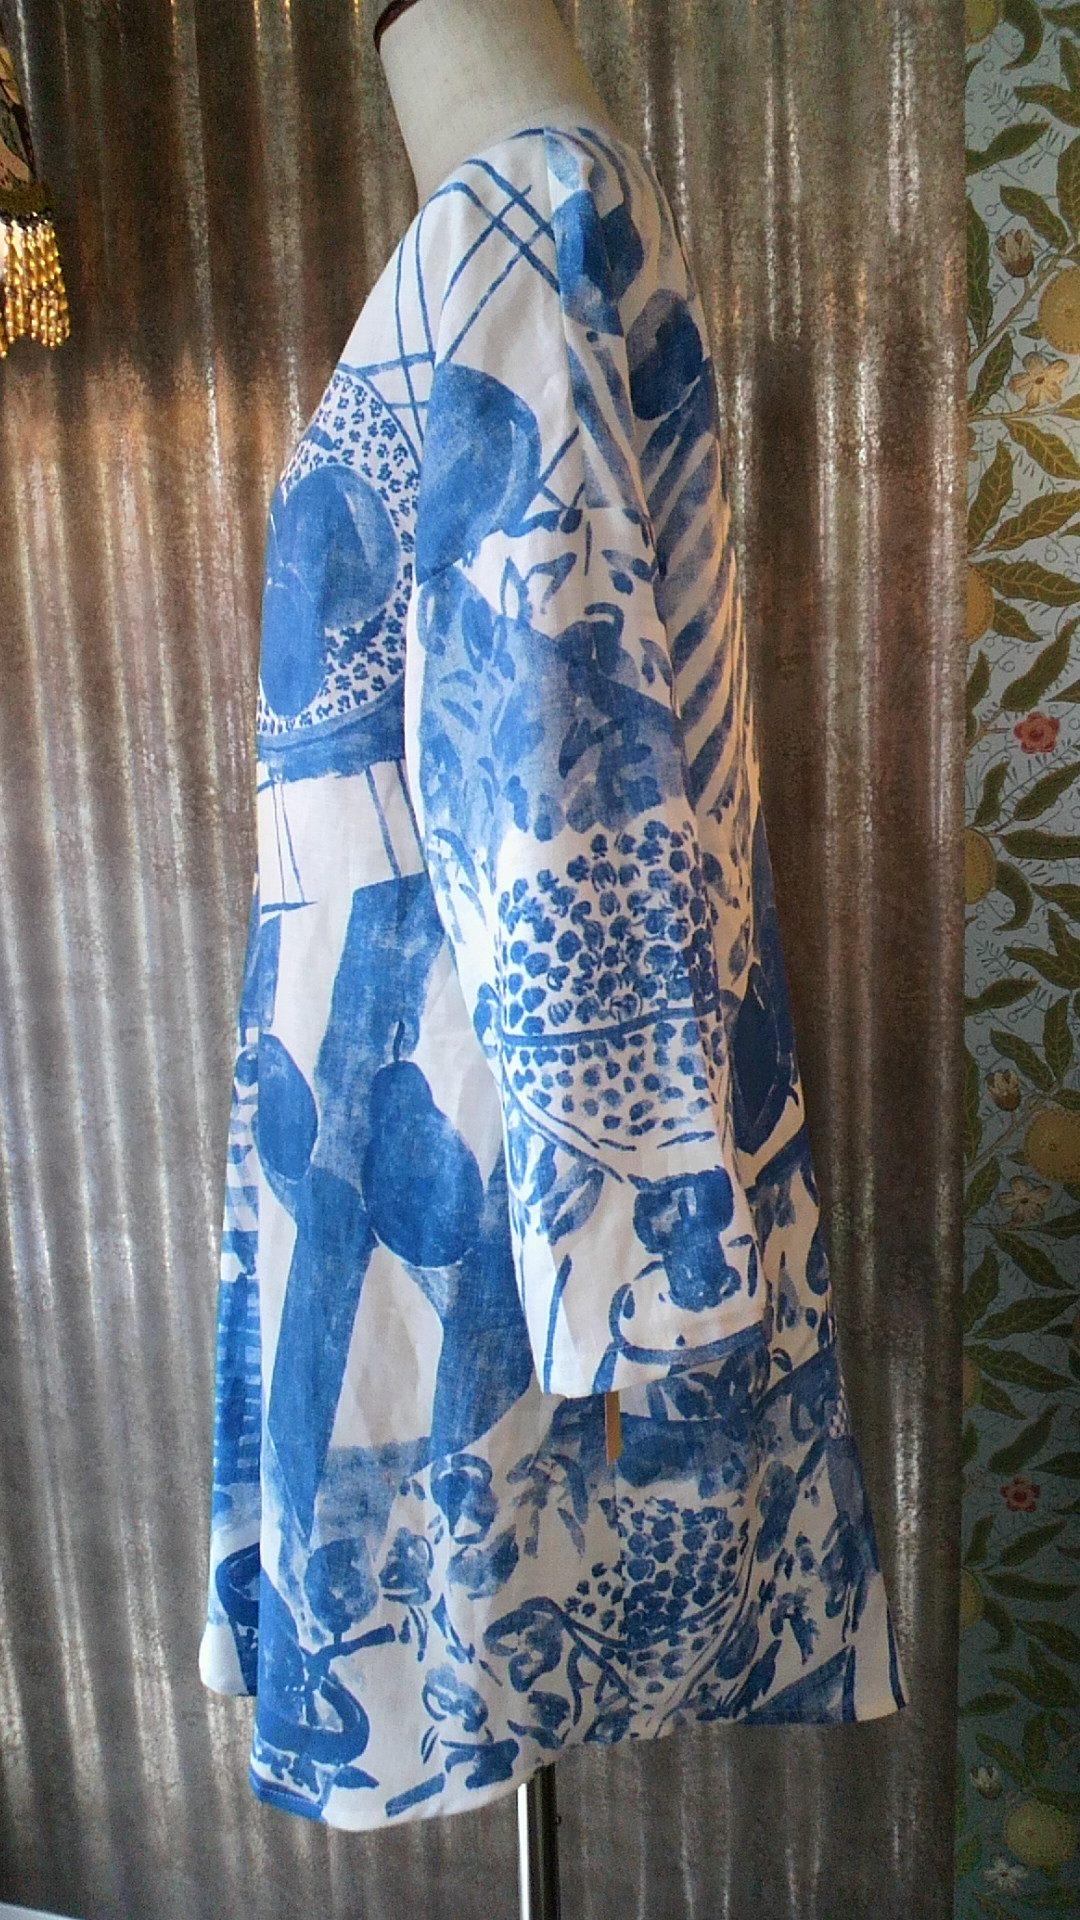 カーテン生地で作る『マリメッコ』の洋服_c0157866_19382028.jpg